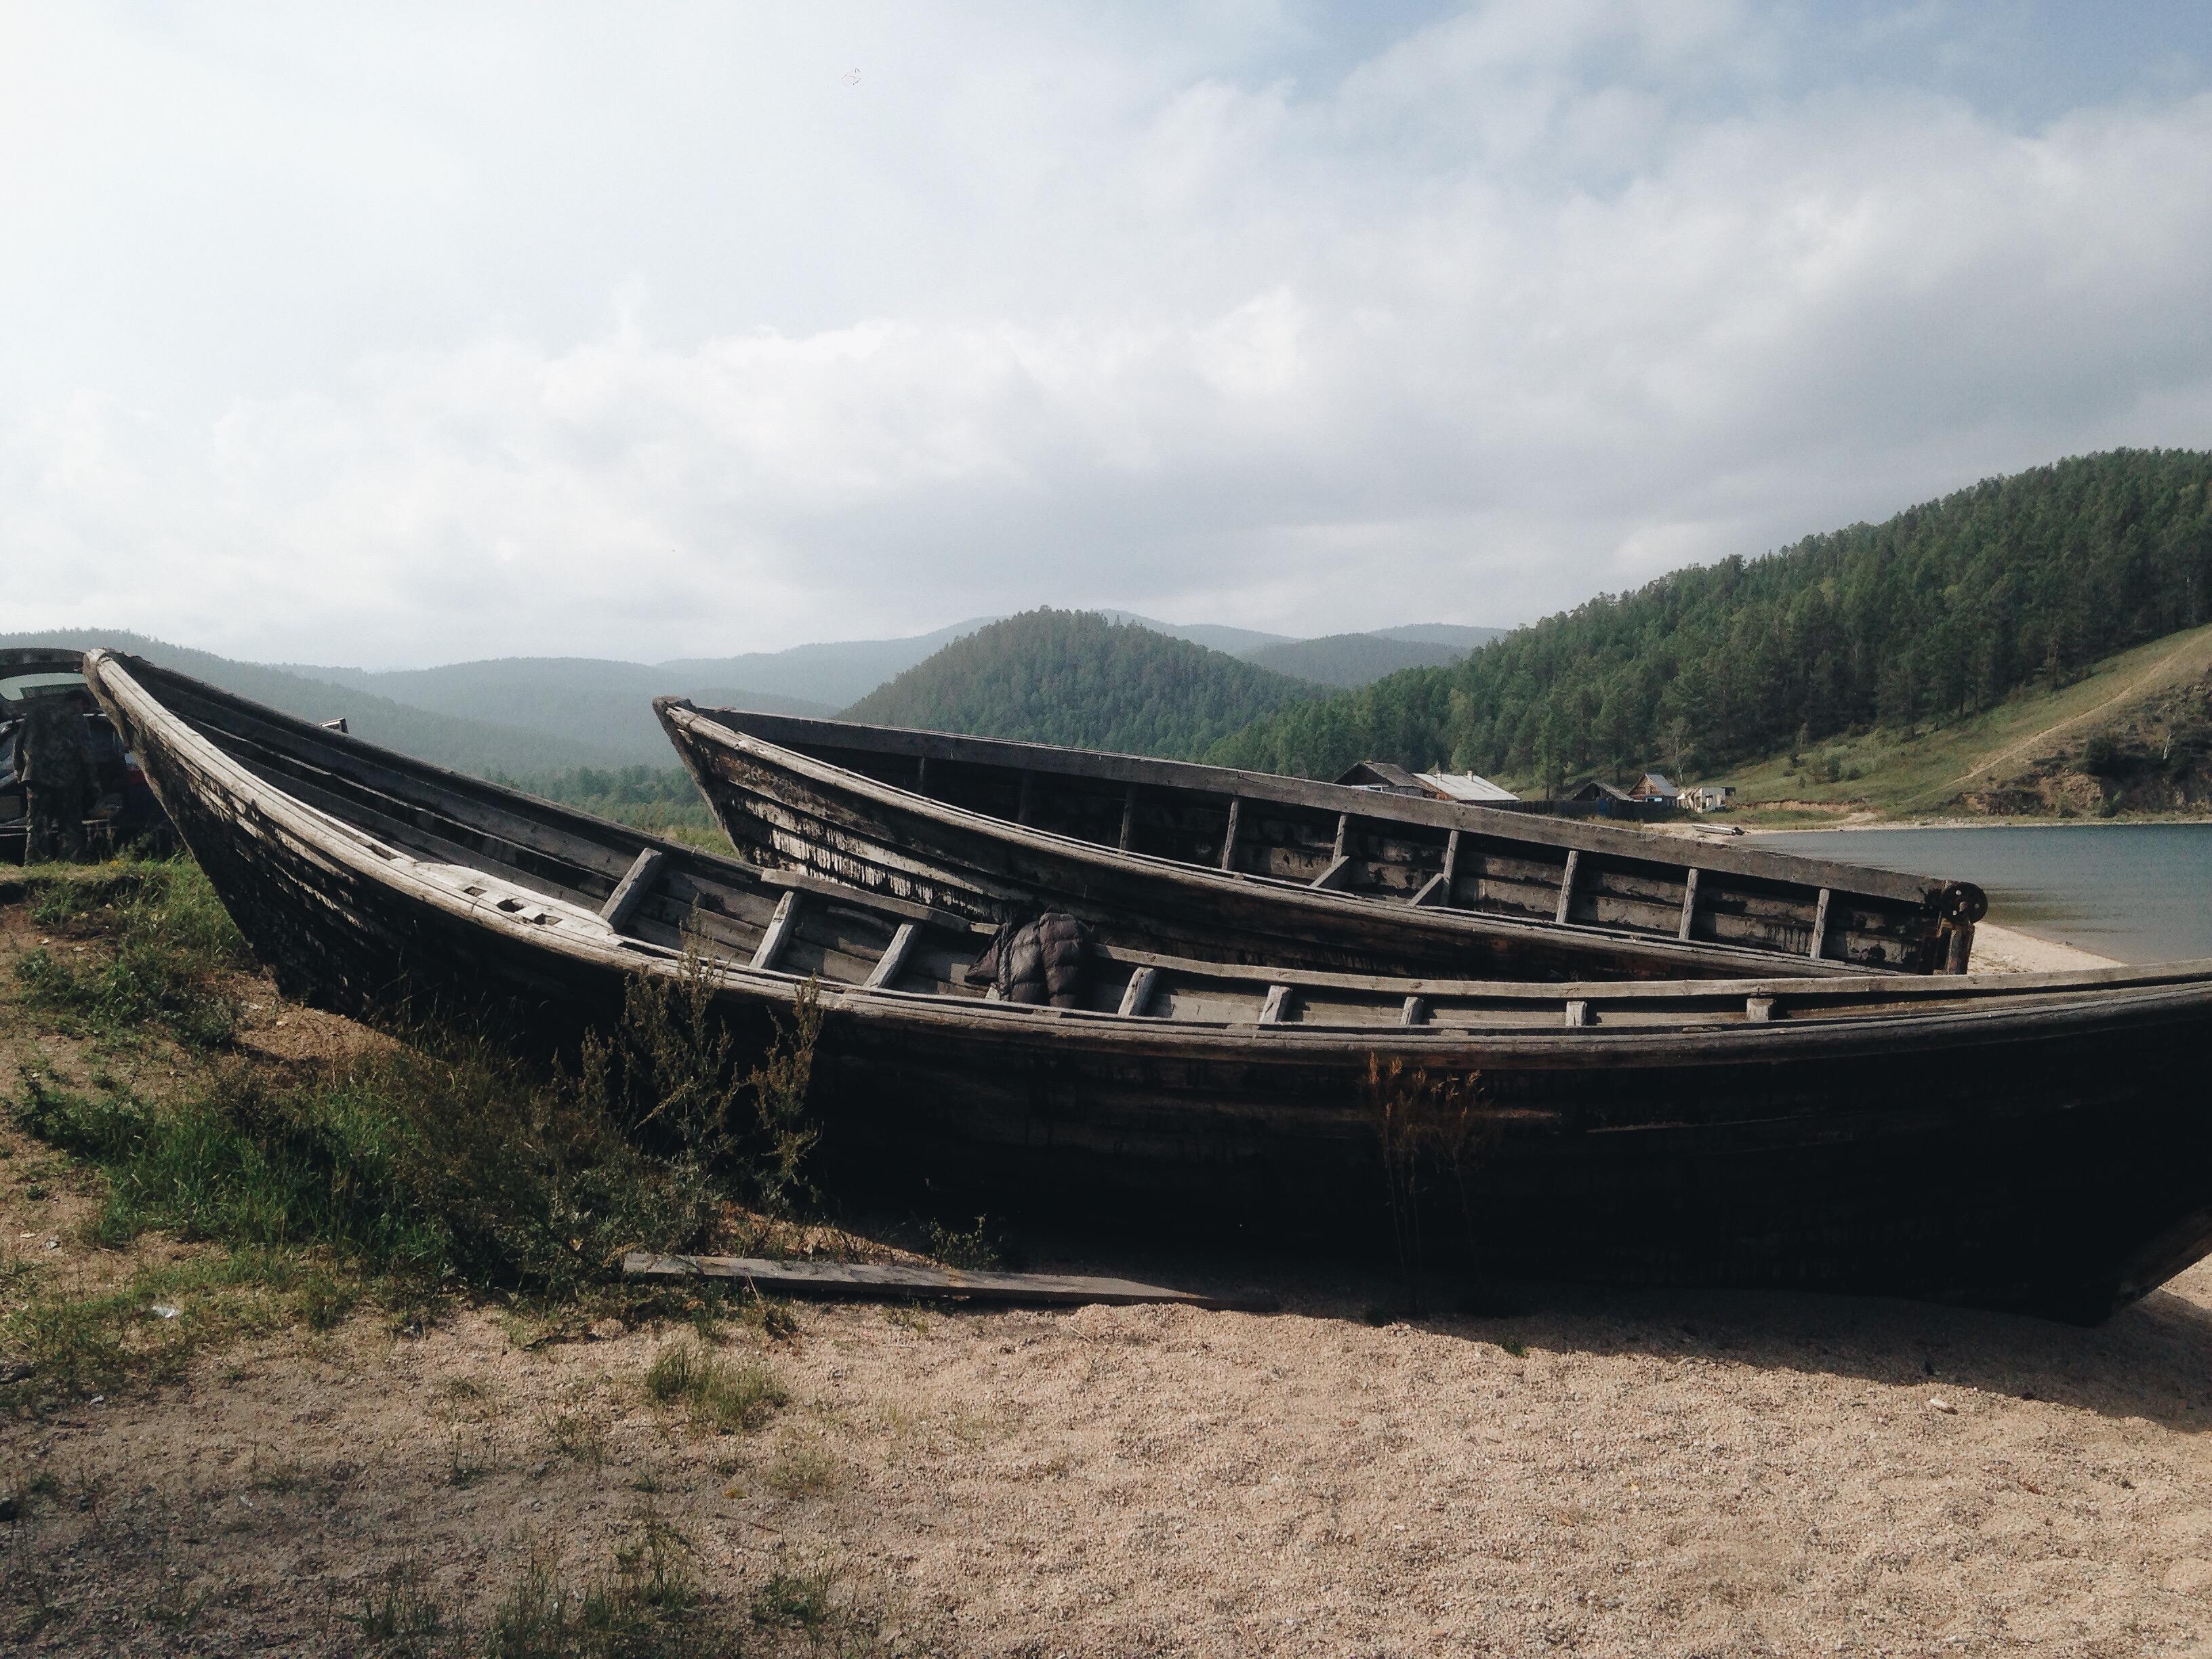 Еще совсем недавно на таких лодках рыбаки персекали Байкал. Сейчас в них удобно пообедать